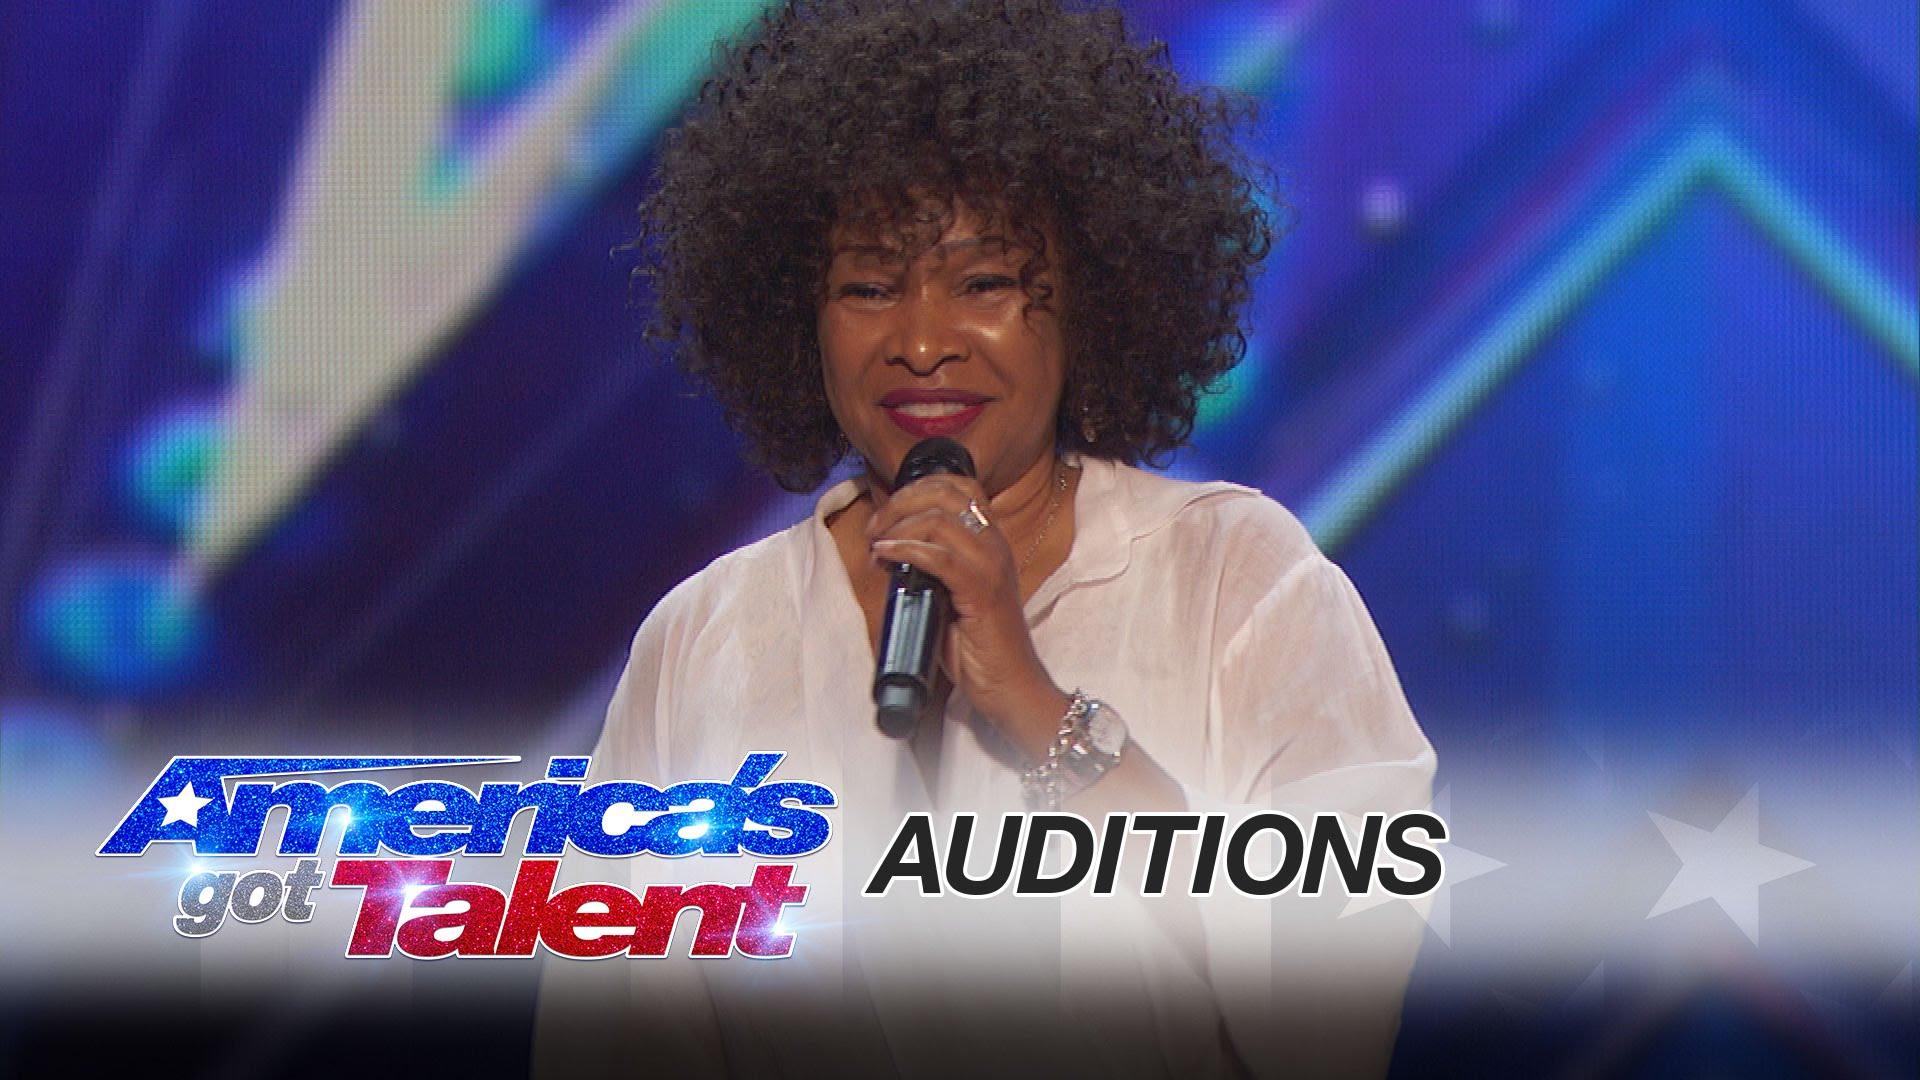 Tiesneši neticēja, ka šī sieviete dzied bez fonogrammas. Lai to pārbaudītu, viņi sievieti pārtrauca…